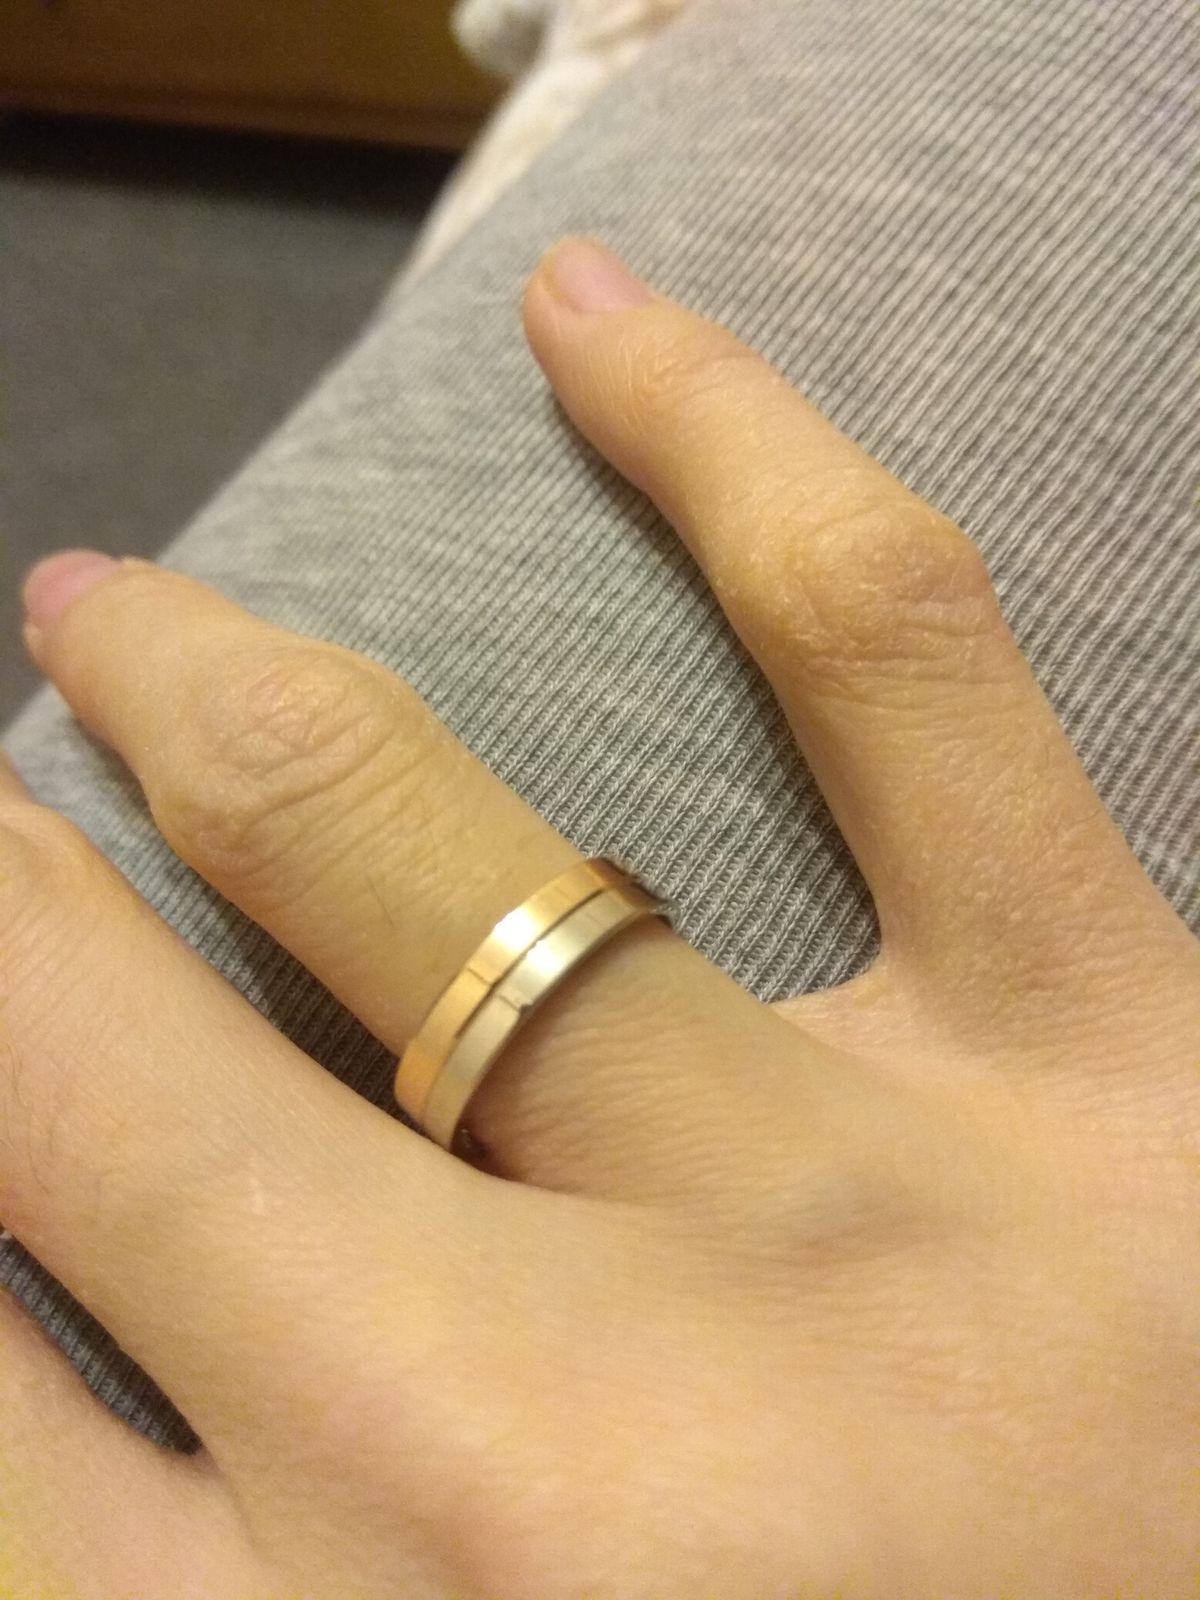 У нас с мужем теперь похожие кольца